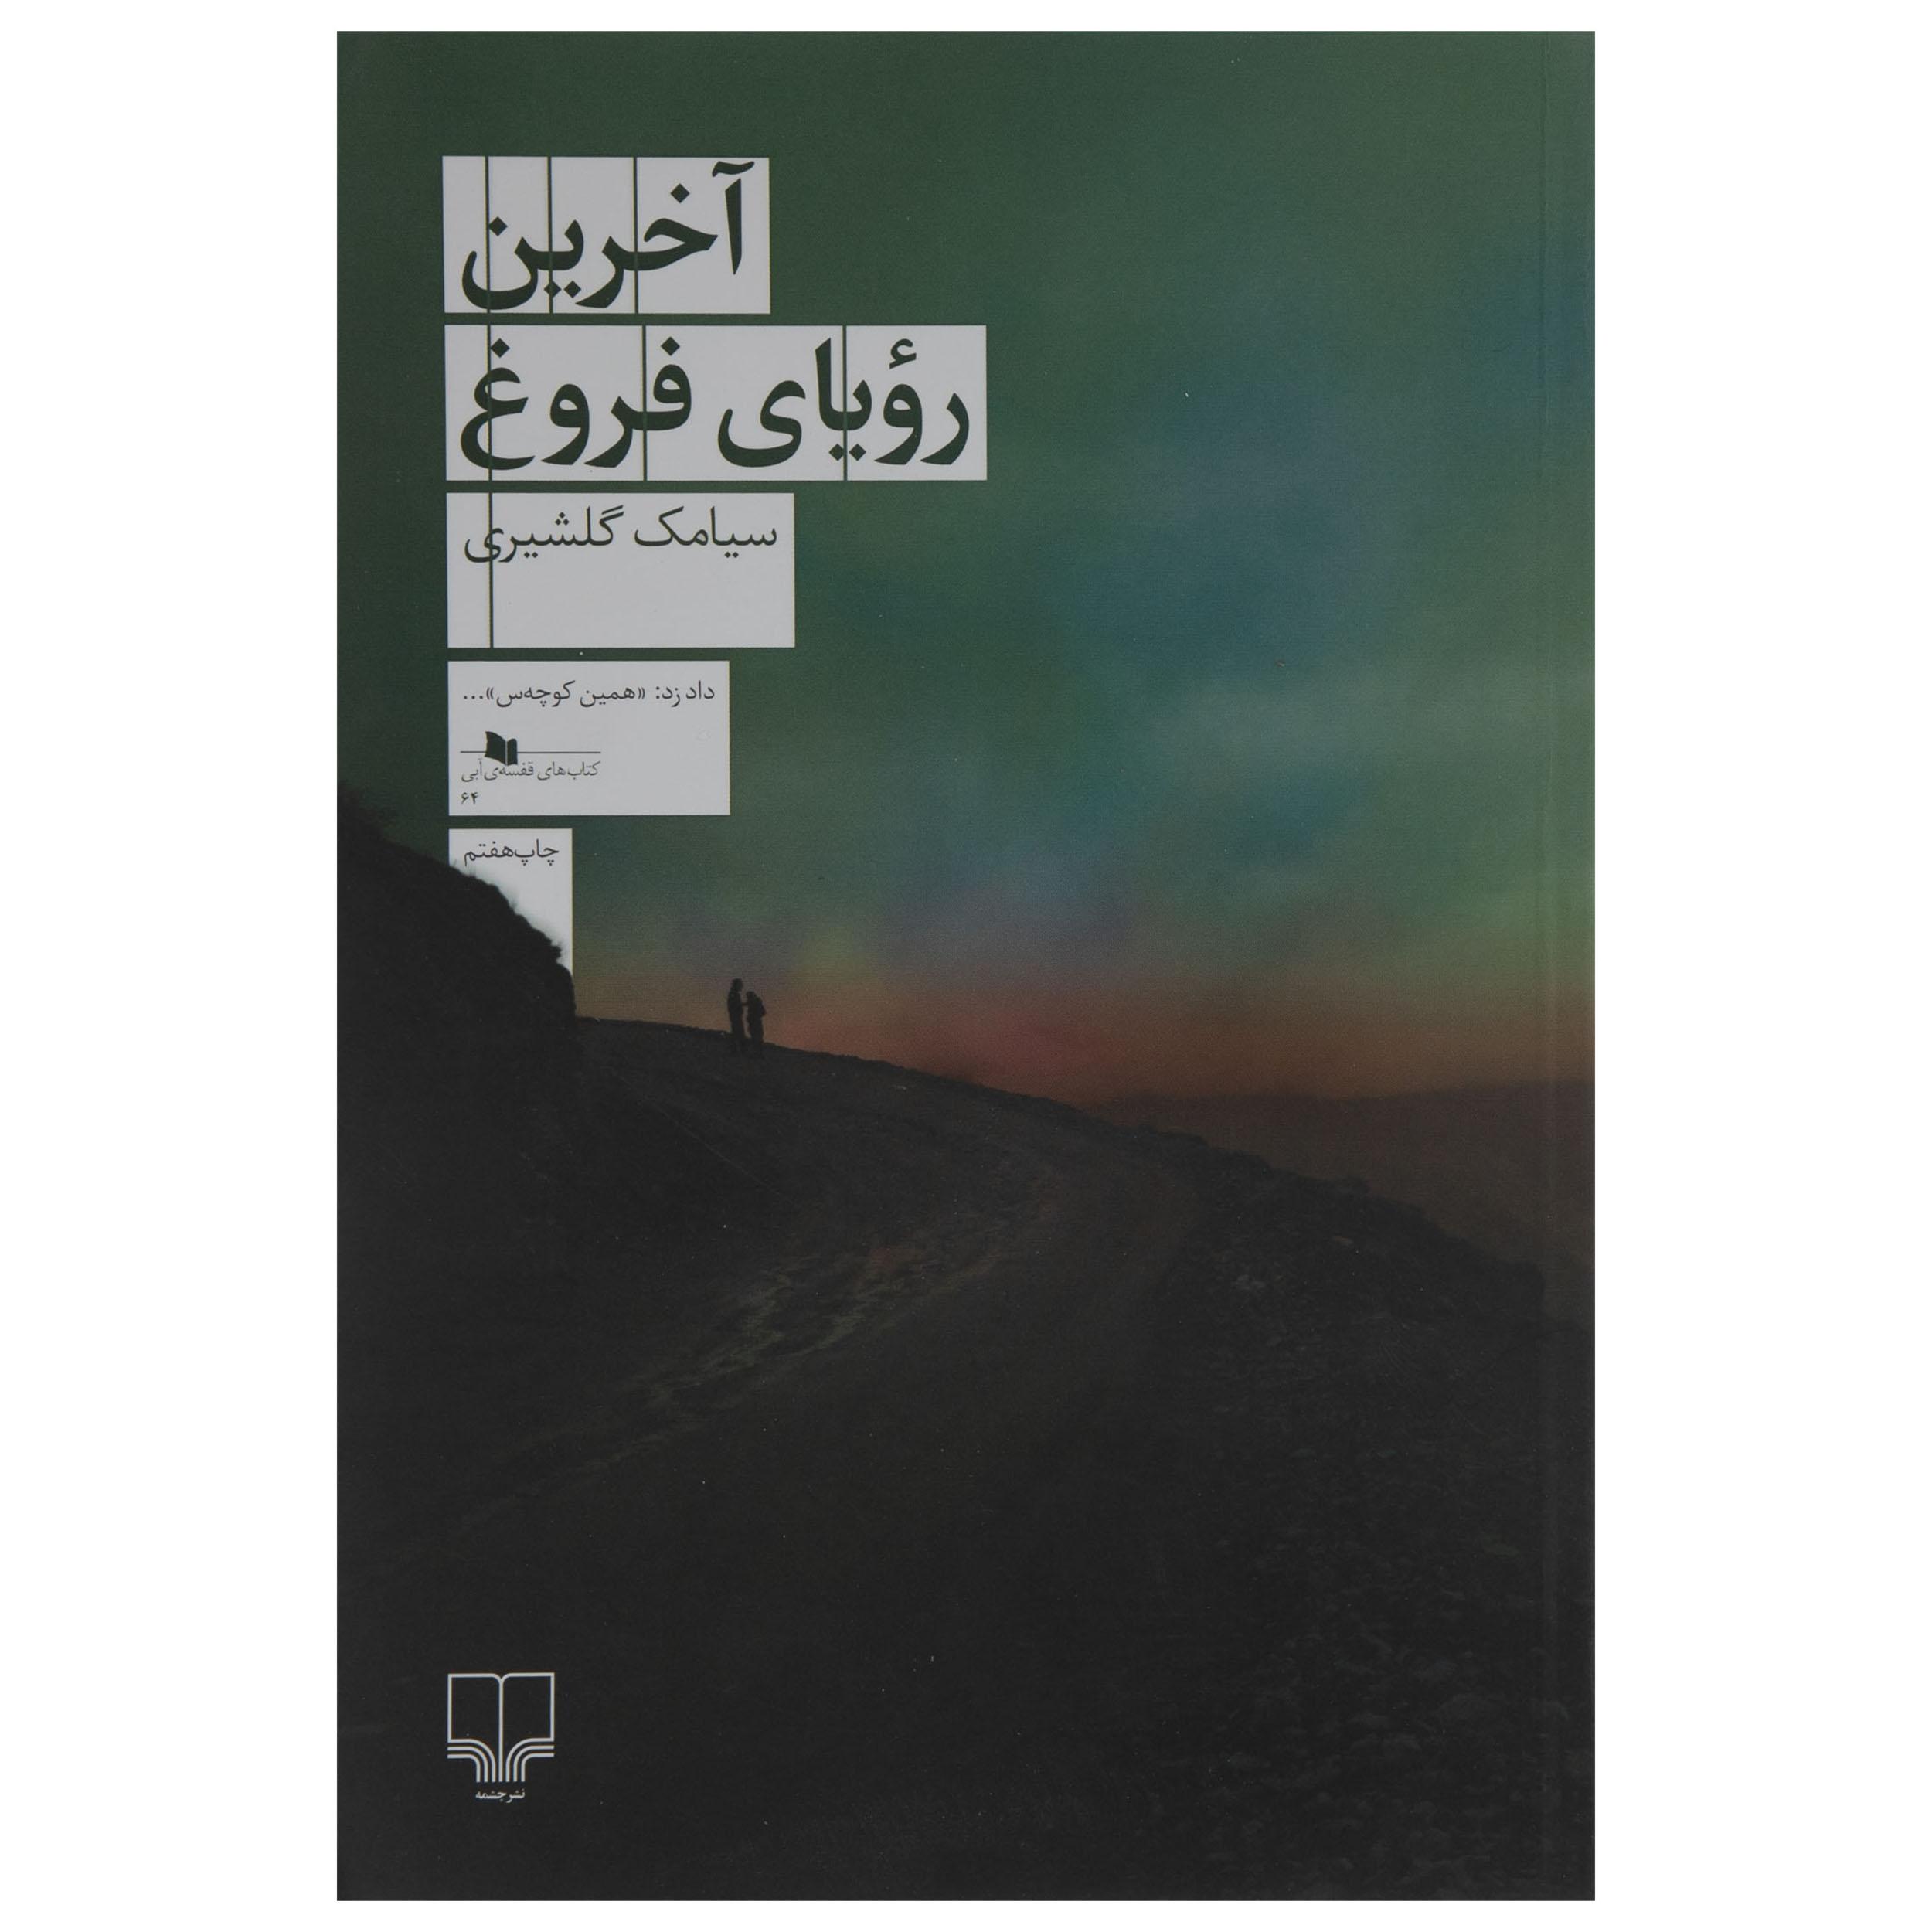 کتاب آخرین رویای فروغ اثر سیامک گلشیری